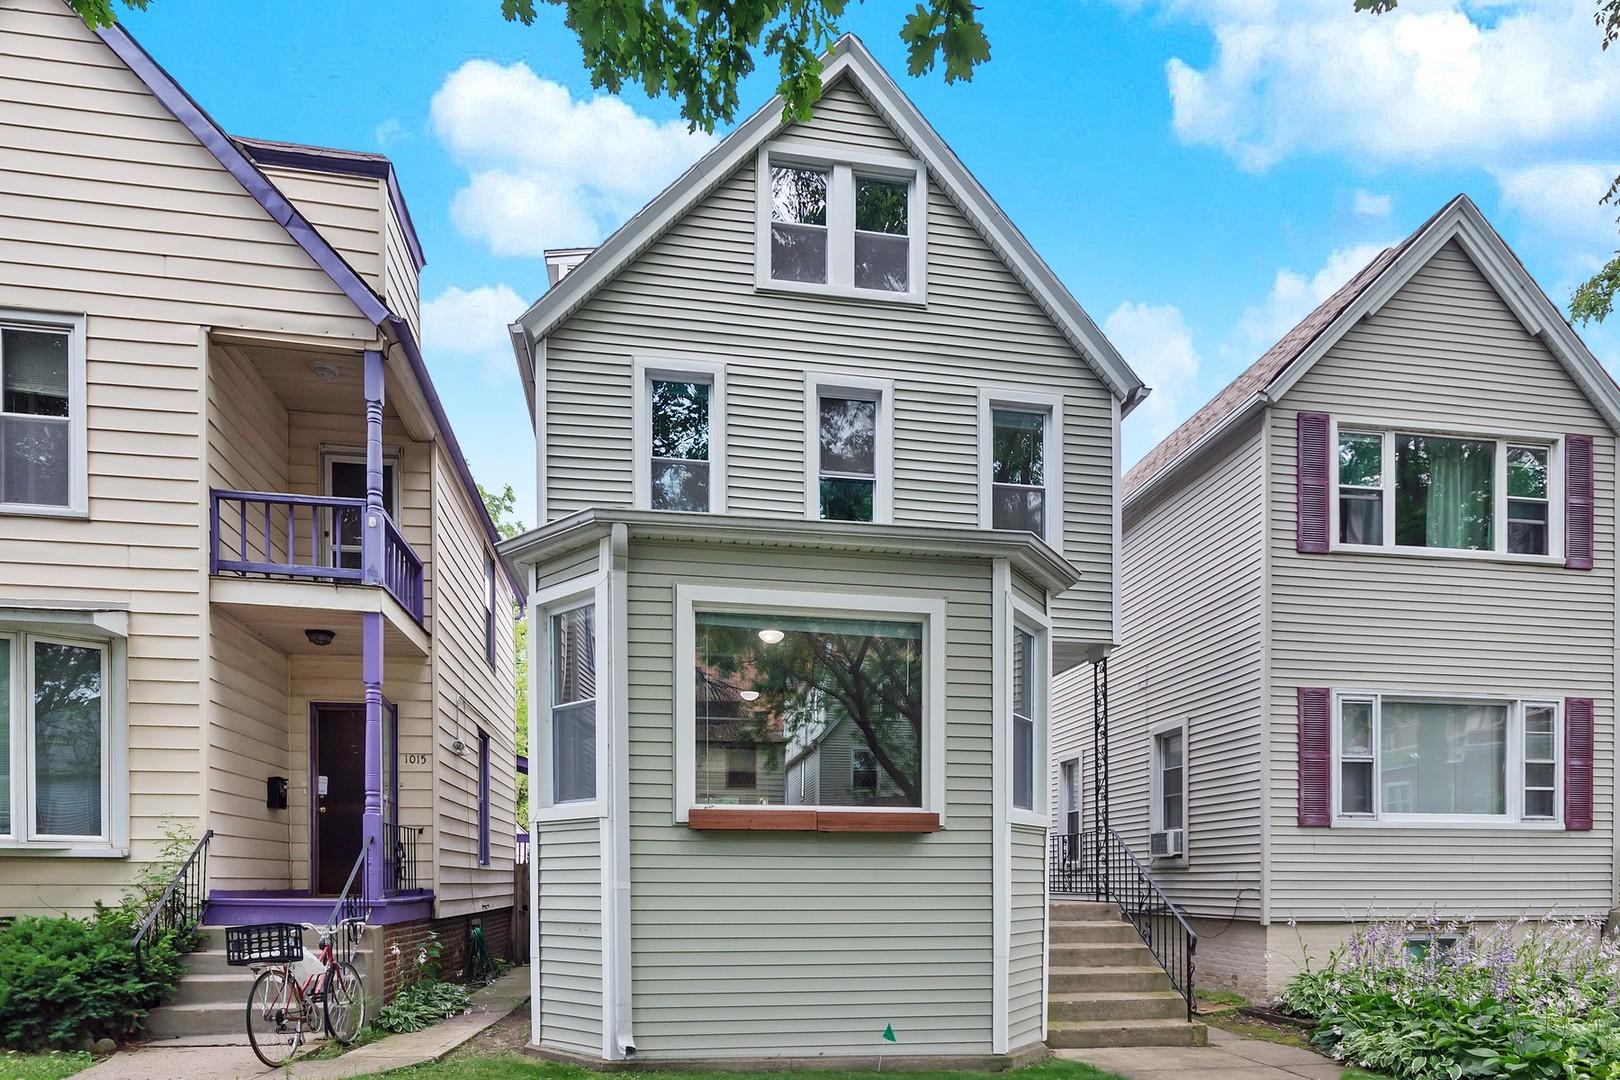 1013 Garnett, EVANSTON, Illinois, 60201